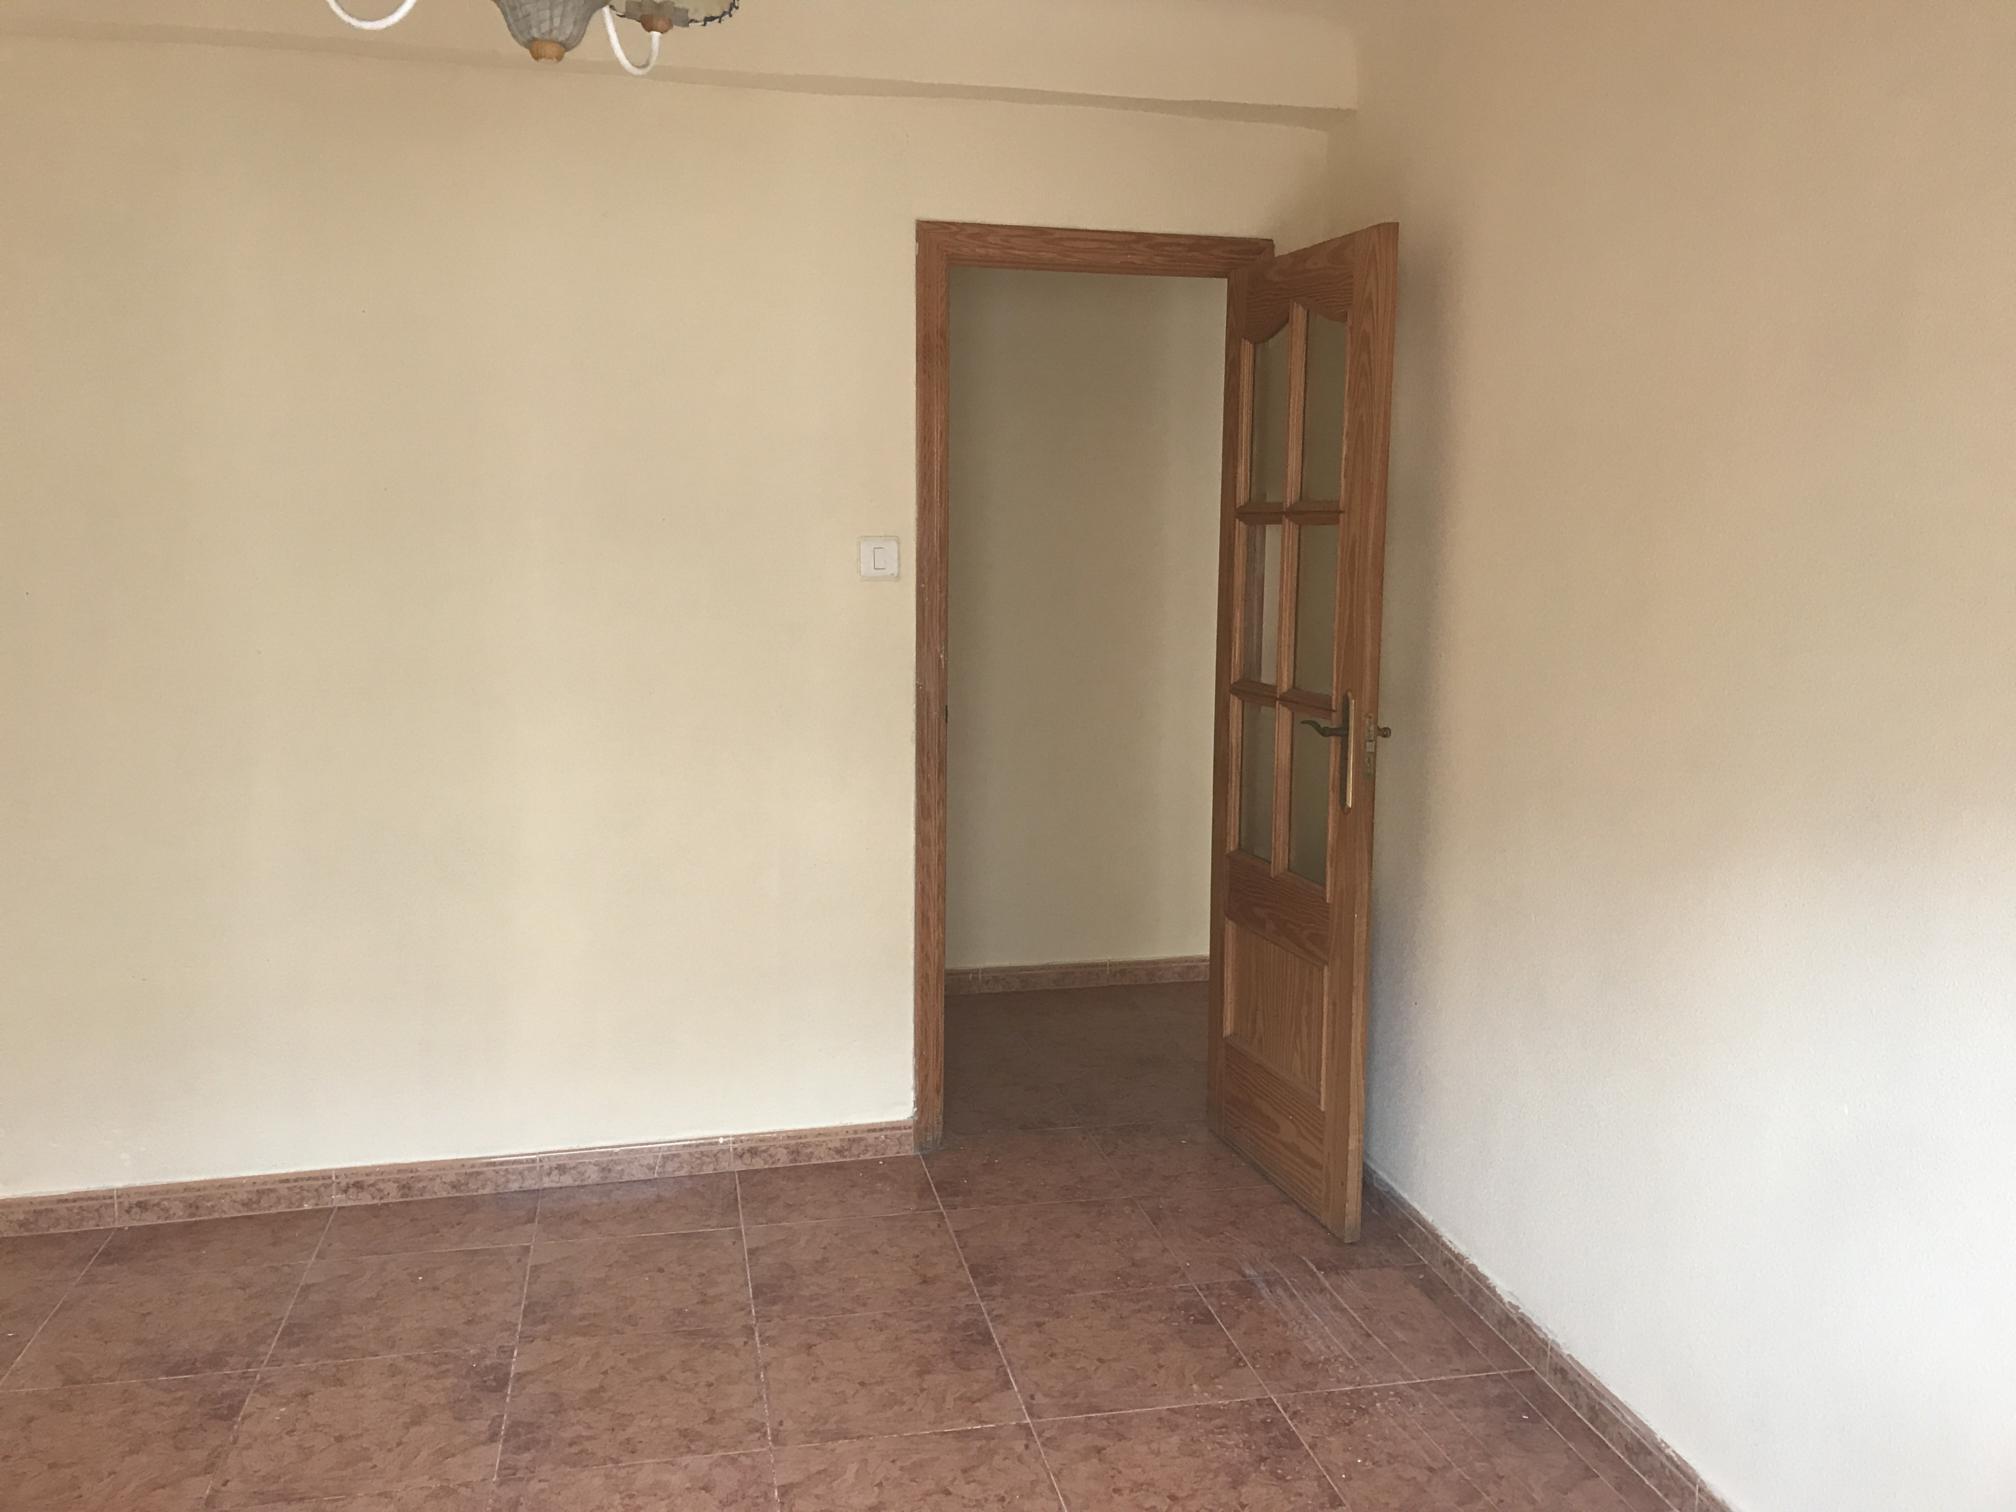 Piso en venta en Elche/elx, Alicante, Calle Hilarión Eslava, 44.000 €, 3 habitaciones, 1 baño, 95 m2